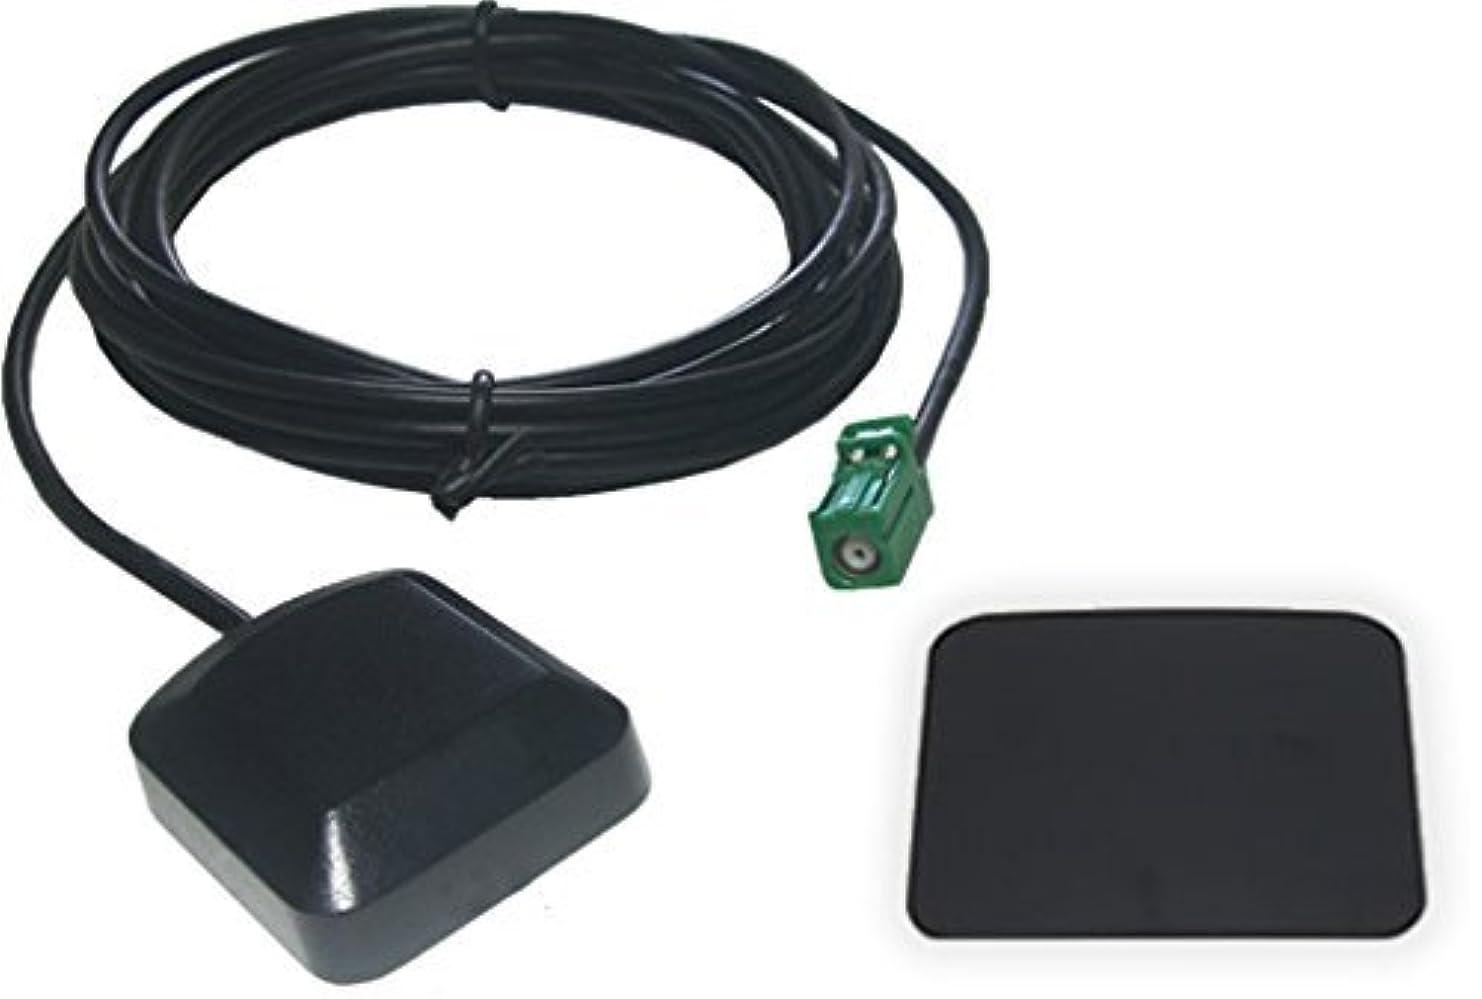 タンパク質同一の変装AVIC-VH9990 対応 カロッツェリア GPSアンテナ + GPSプレート セット 【低価格なのに高感度】